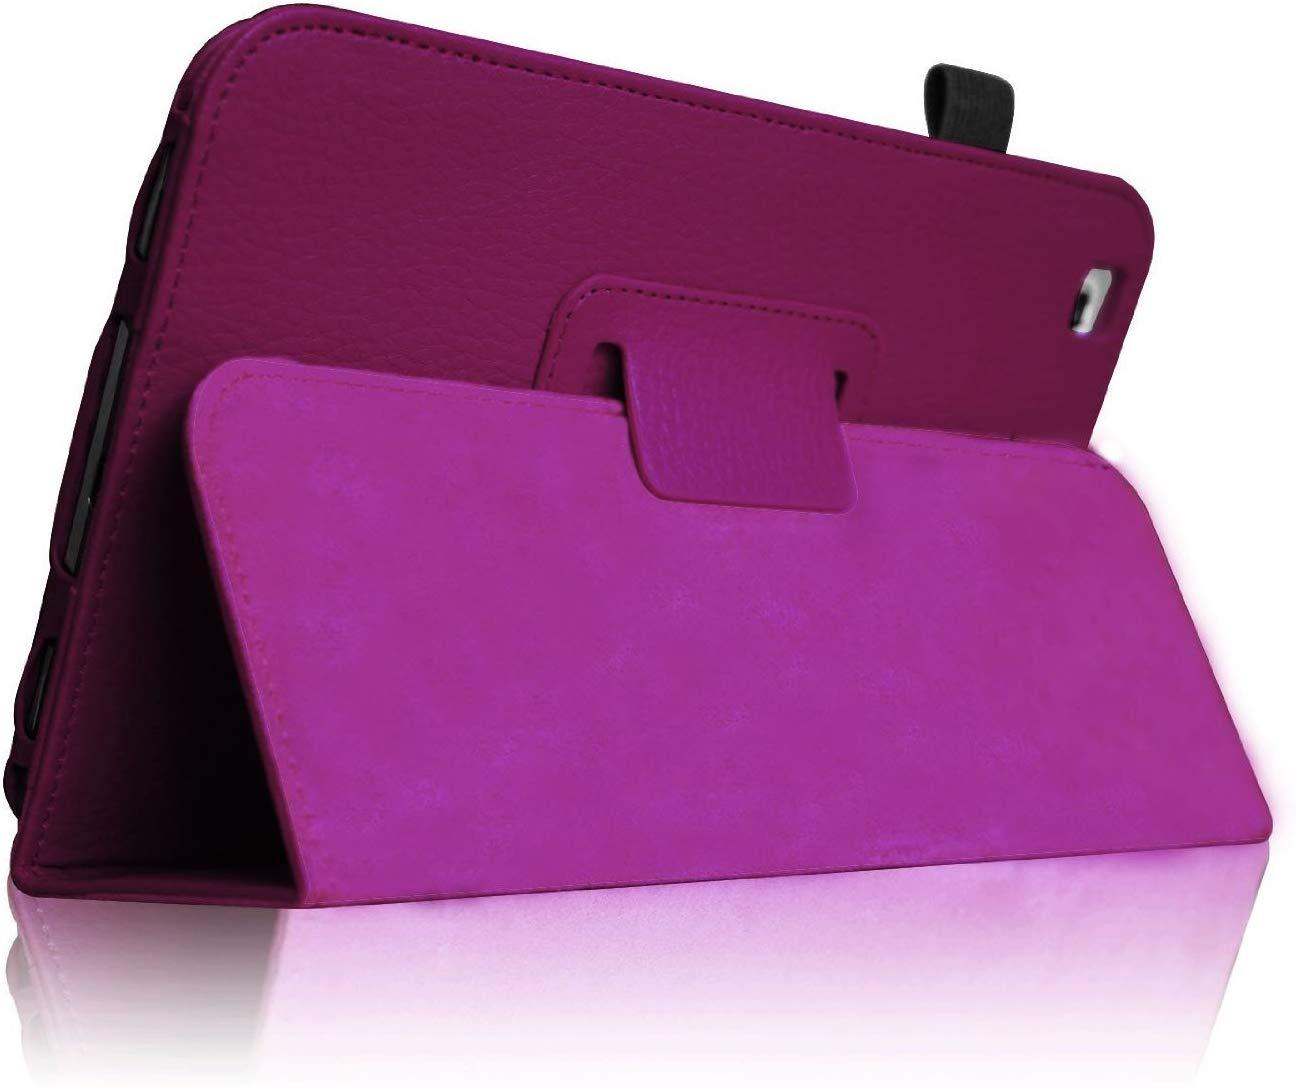 Étui pour tablette en cuir pour Samsung Galaxy Tab 3 8.0 T310 T311 SM-T310 SM-T311 étui de protection pour tablette